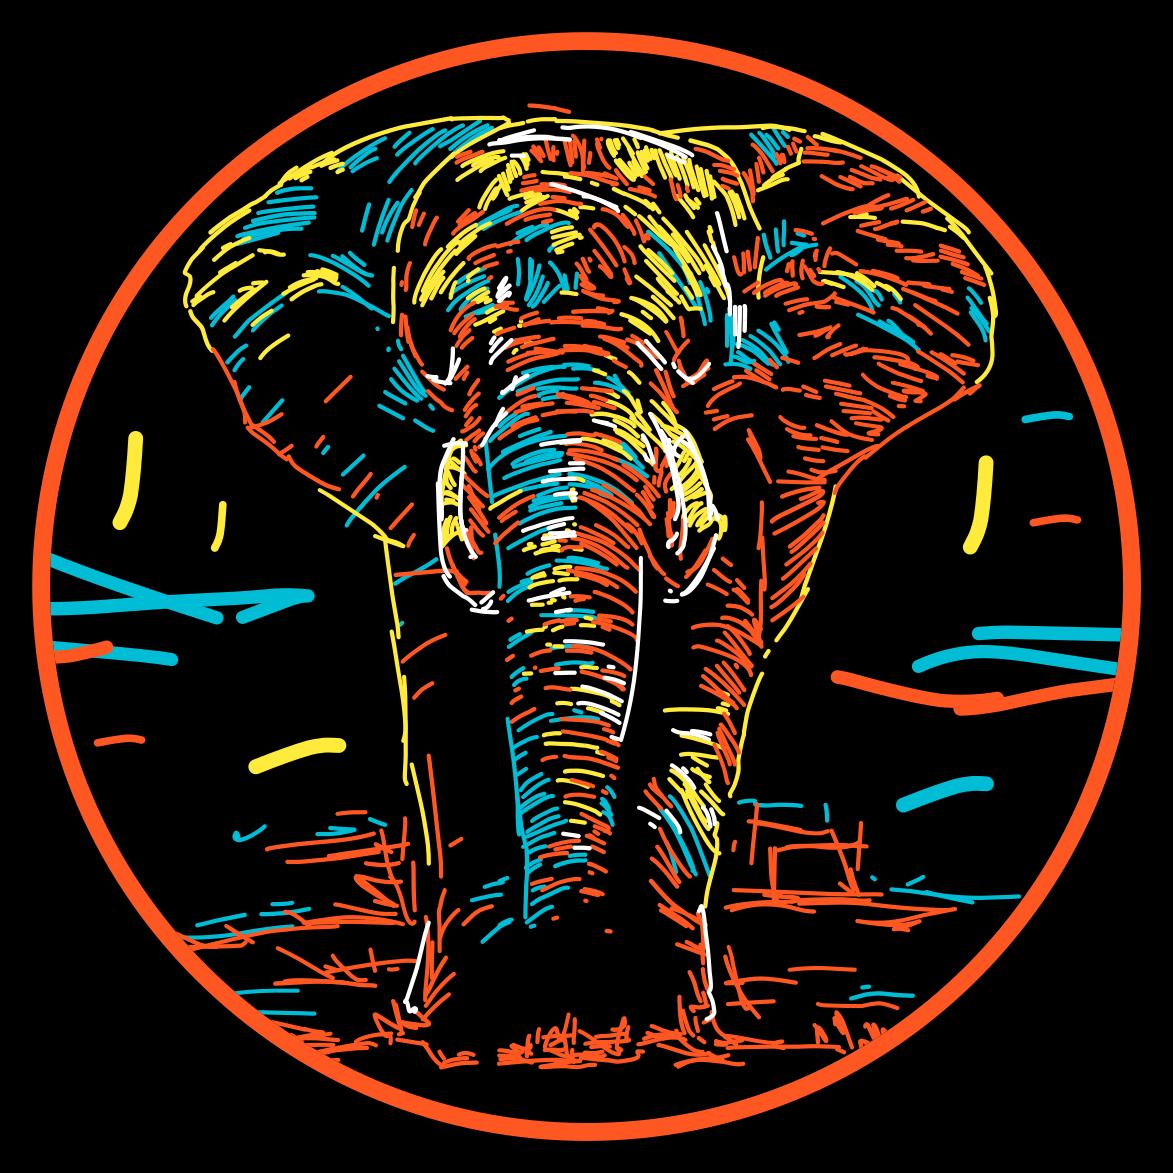 TenStickers. Dywan winylowy Kolorowy słoń. Ten dywan winylowy ze wzorem zwierzęcym przedstawia oszałamiającego słonia rysującego na czarnym tle. Zarejestruj się, aby otrzymać 10% zniżki. Wysokiej jakości winyl.